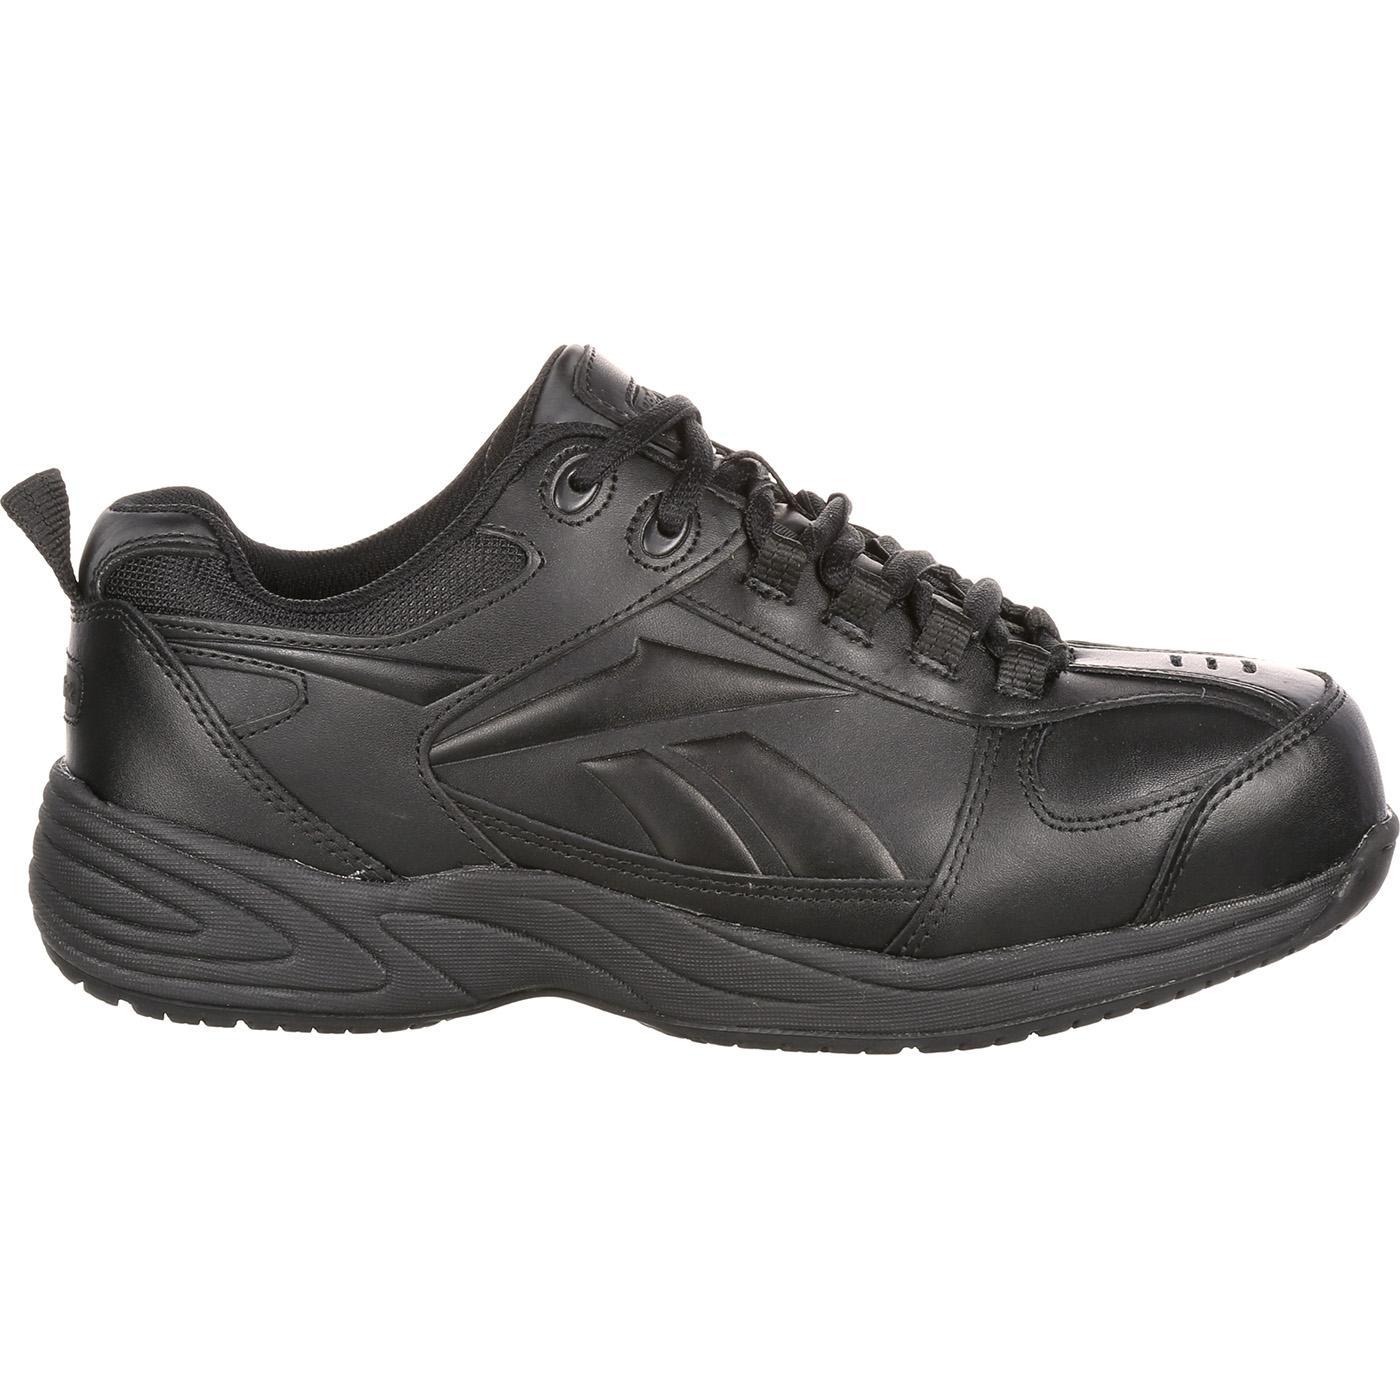 be214c137d8e59 ... Jorie Composite Toe Slip-Resistant Athletic Work Shoe